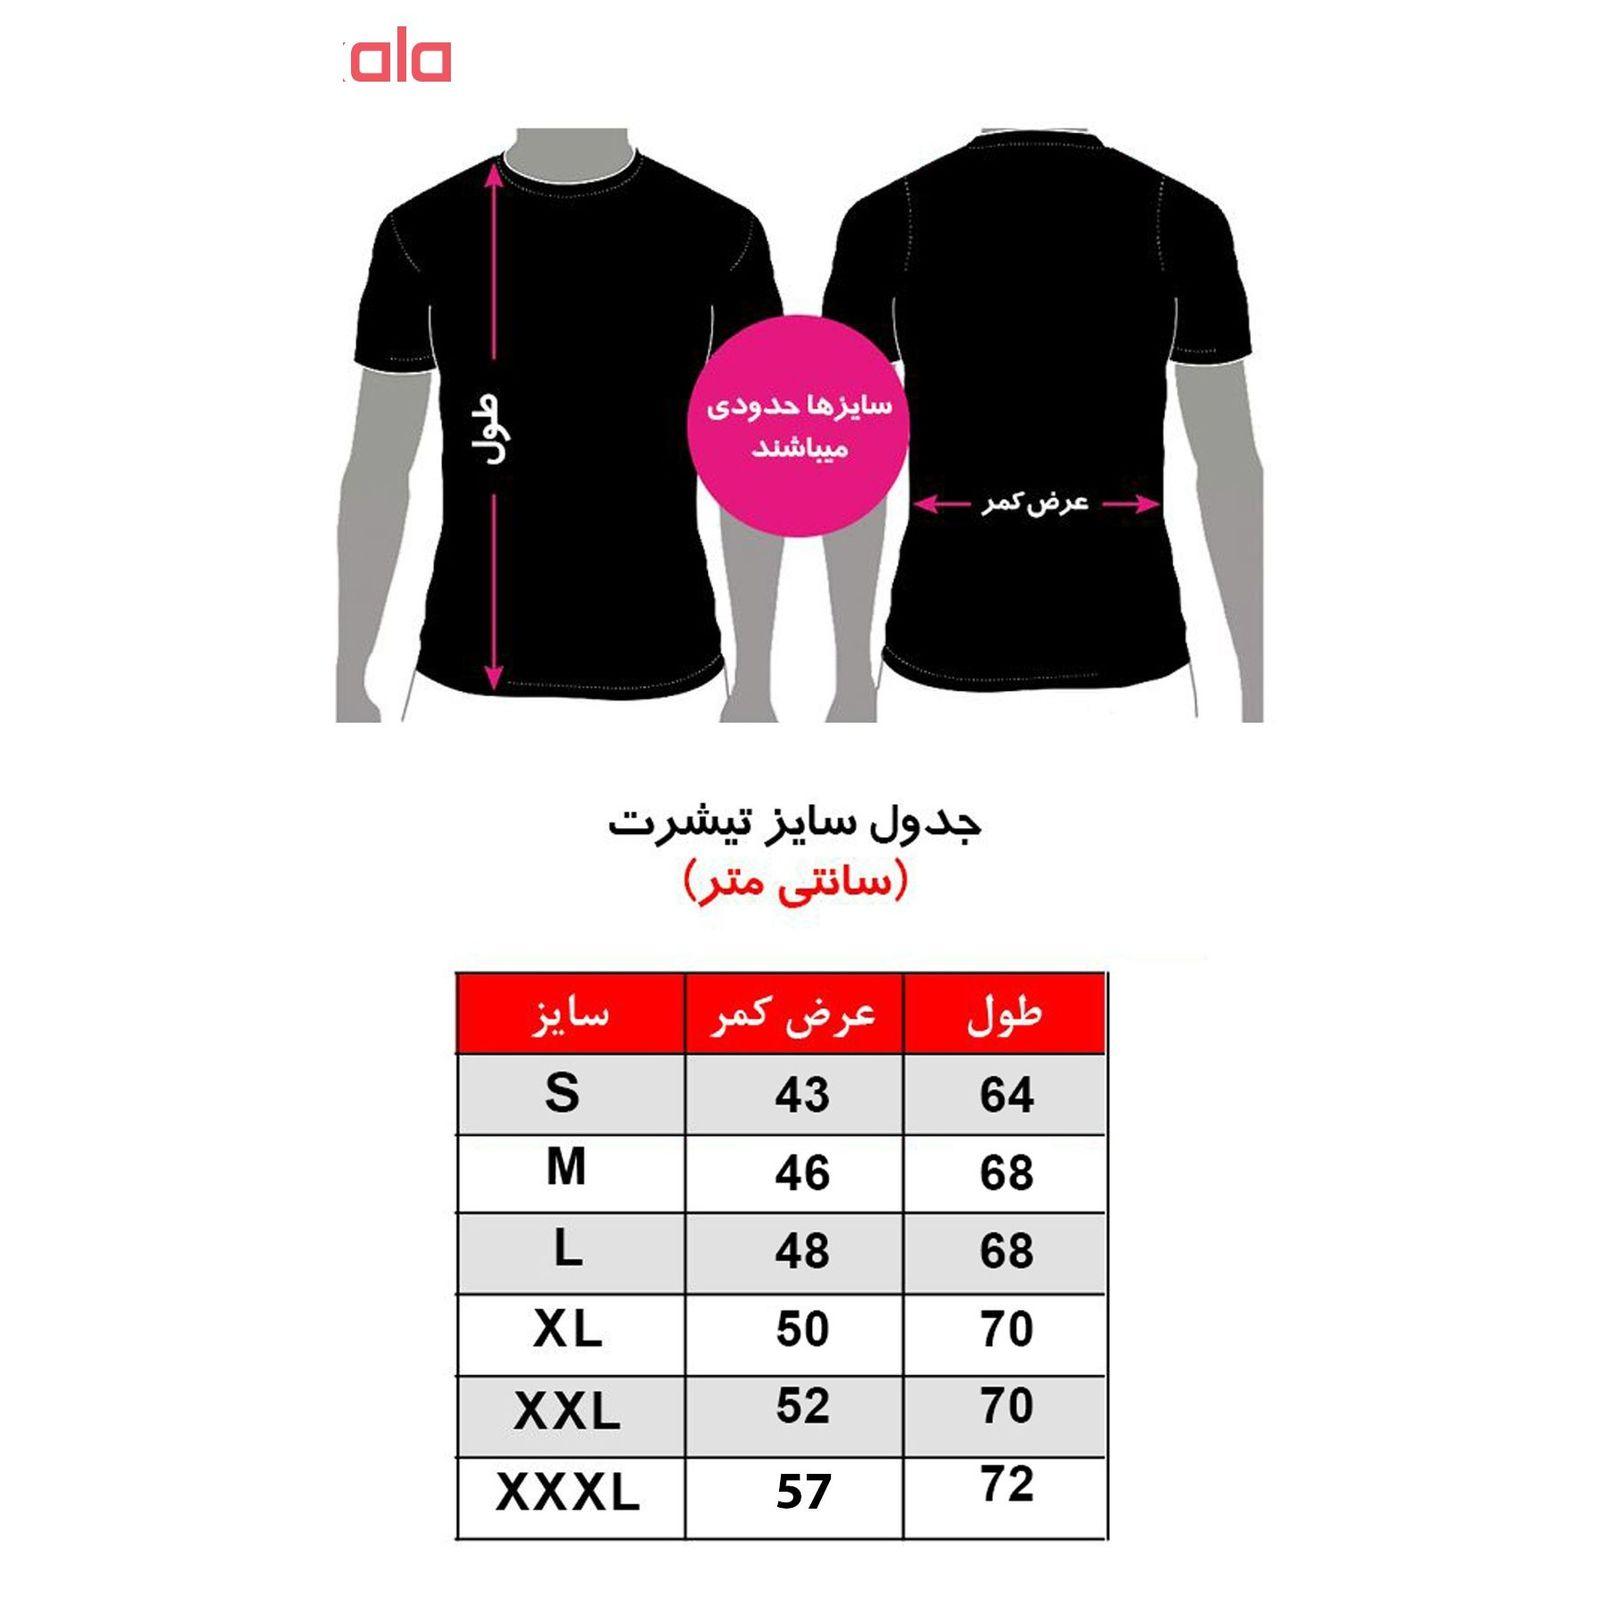 تی شرت مردانه طرح مارشملو کد 34349 main 1 3